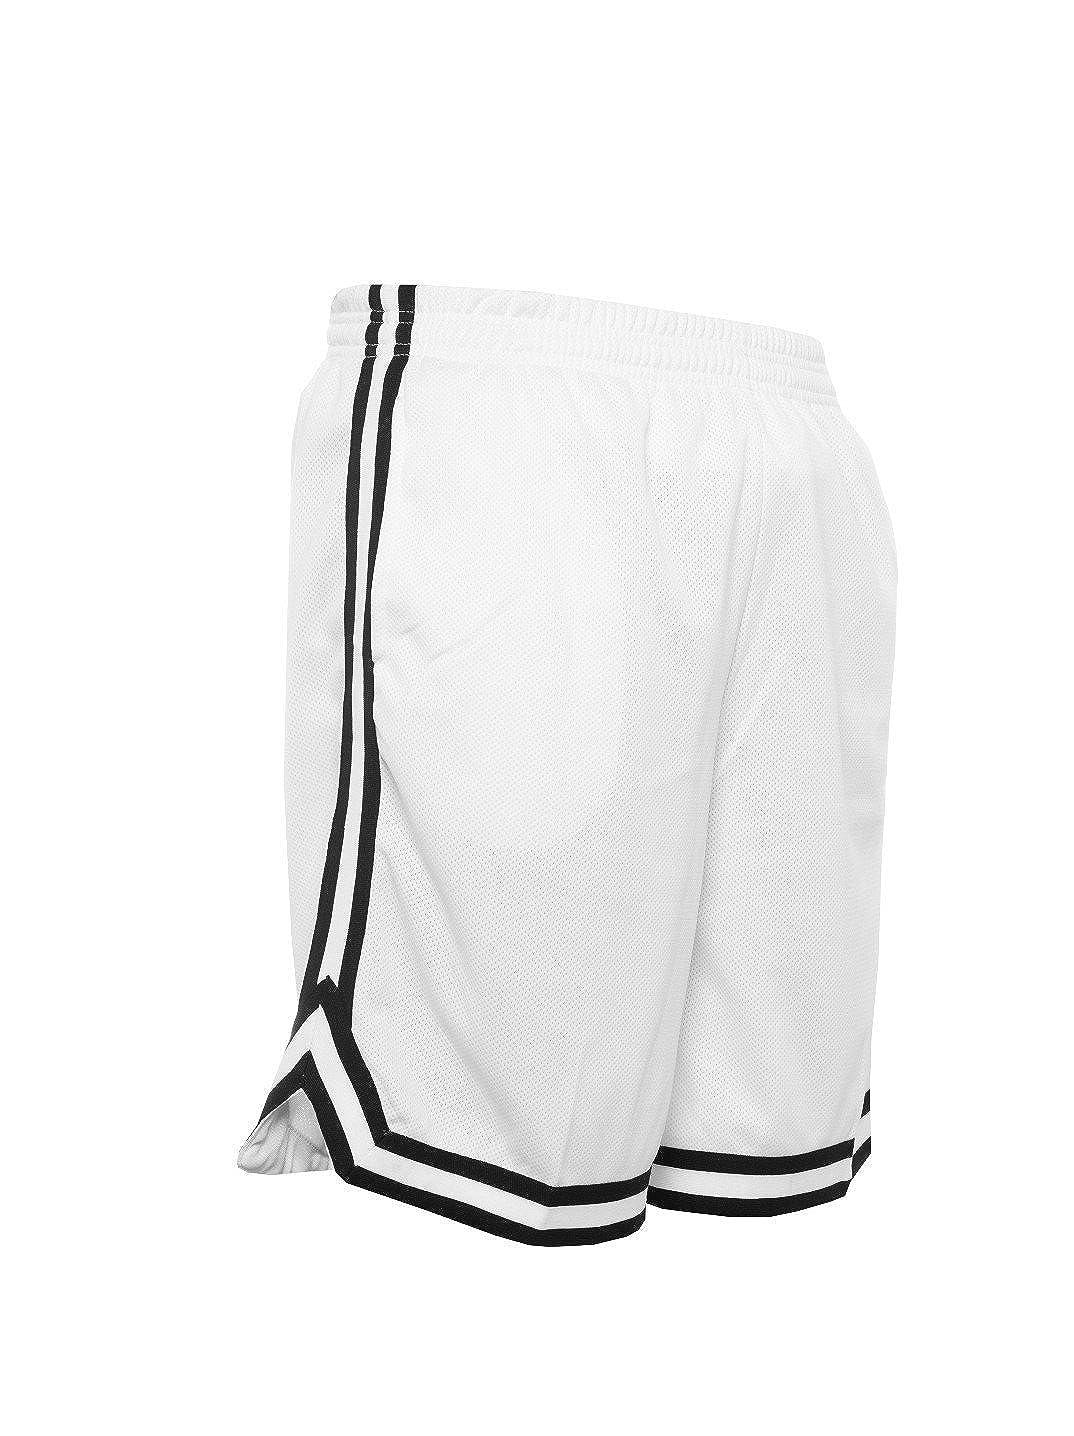 Urban Classics TB243 - Pantalones cortos deportivos con redecilla